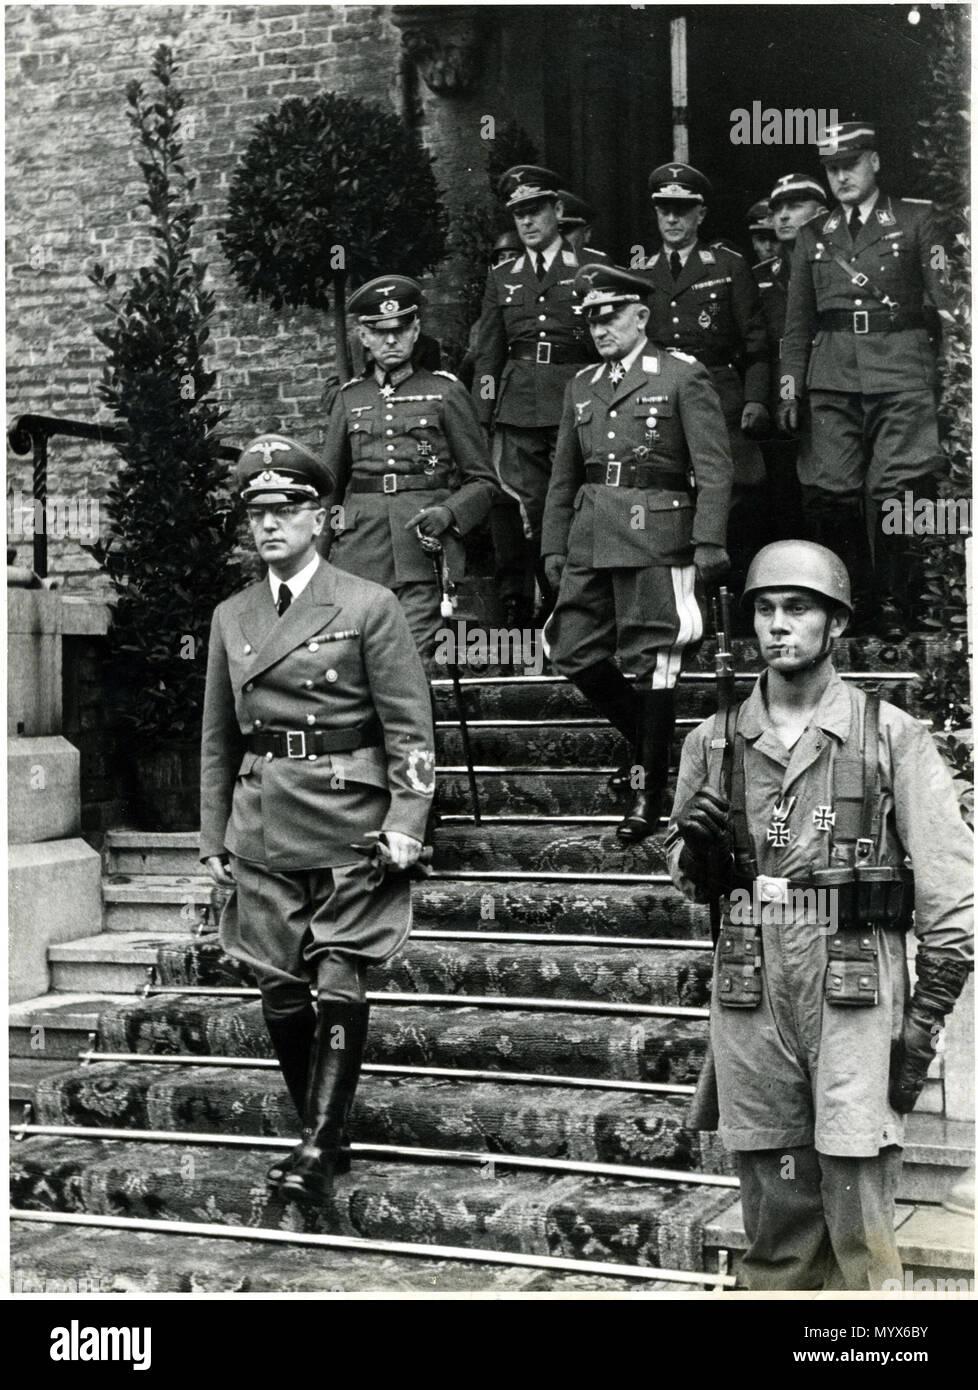 1 Arthur Seyß-Inquart, Alexander von Falkenhausen, Friedrich Christiansen, Den Haag, 1940 Stock Photo